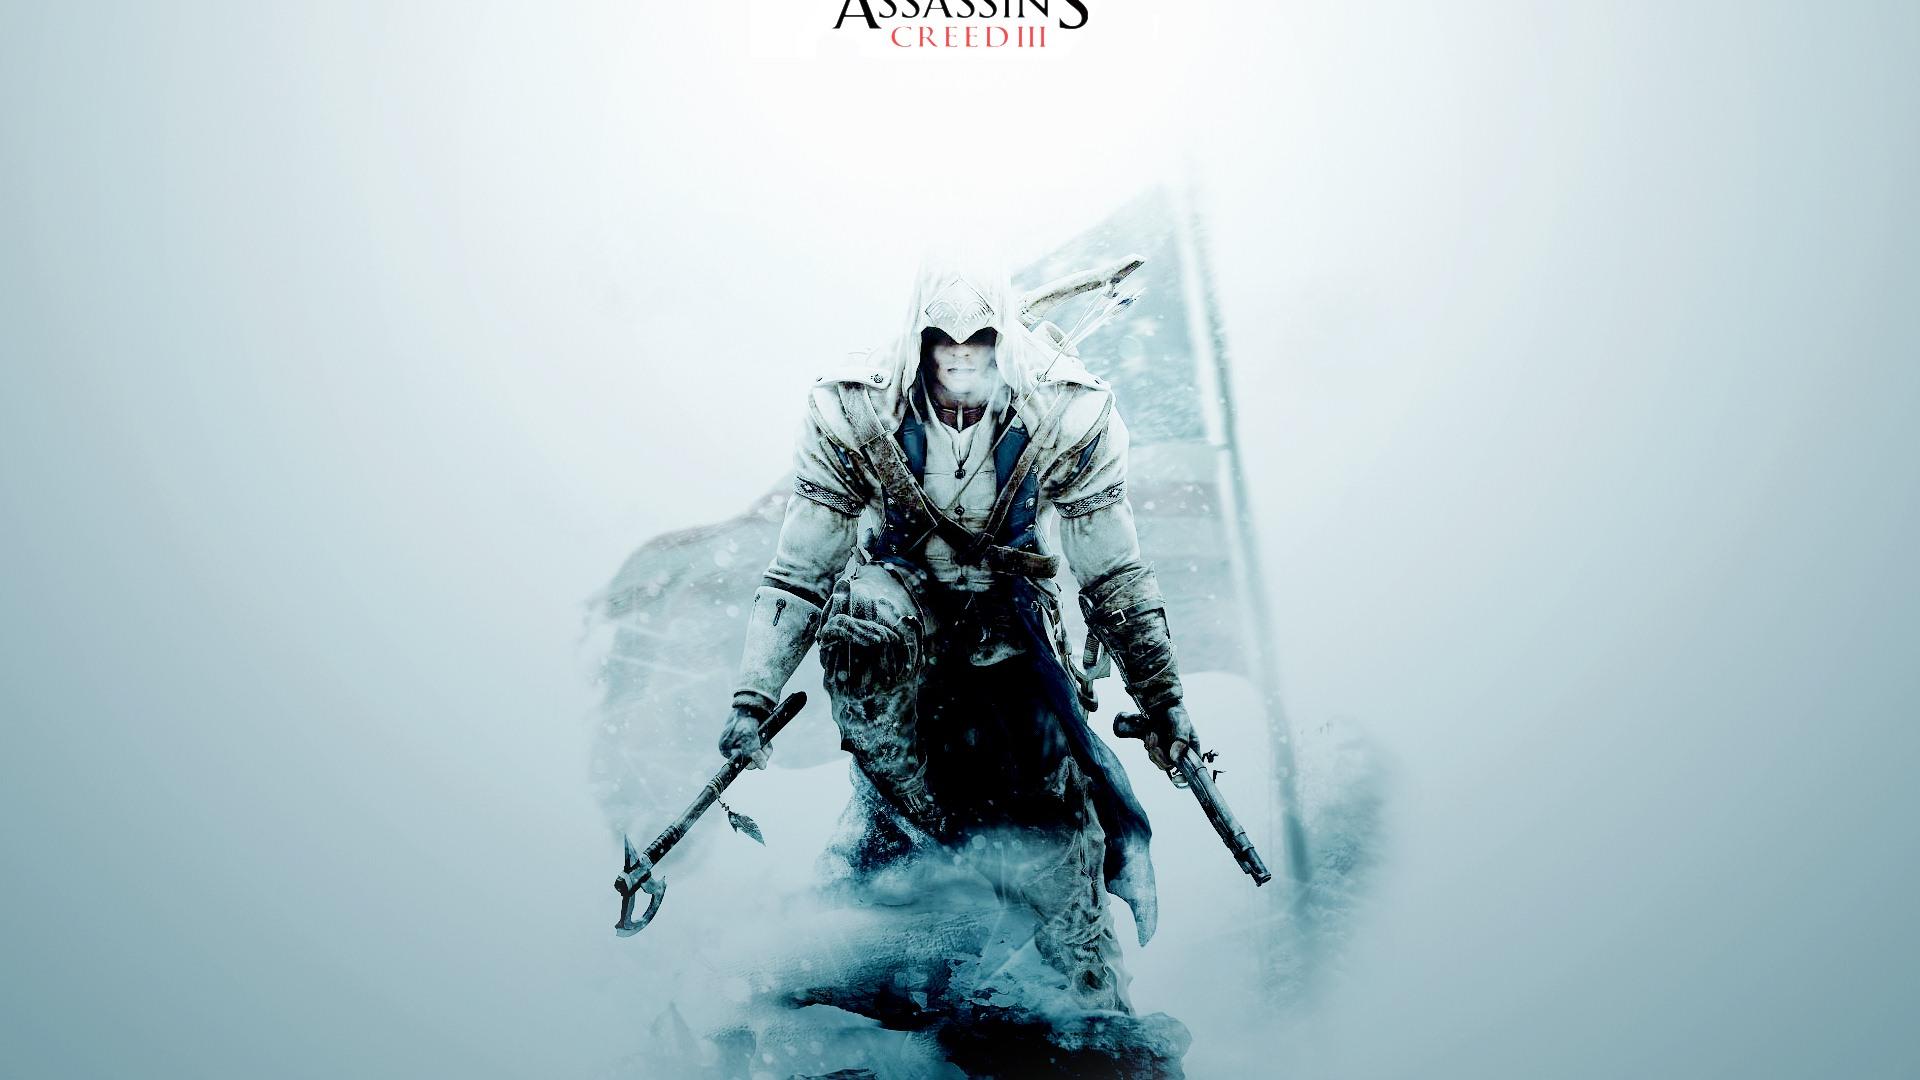 Assassins Creed III HD Wallpaper 11  1920x1080 Herunterladen